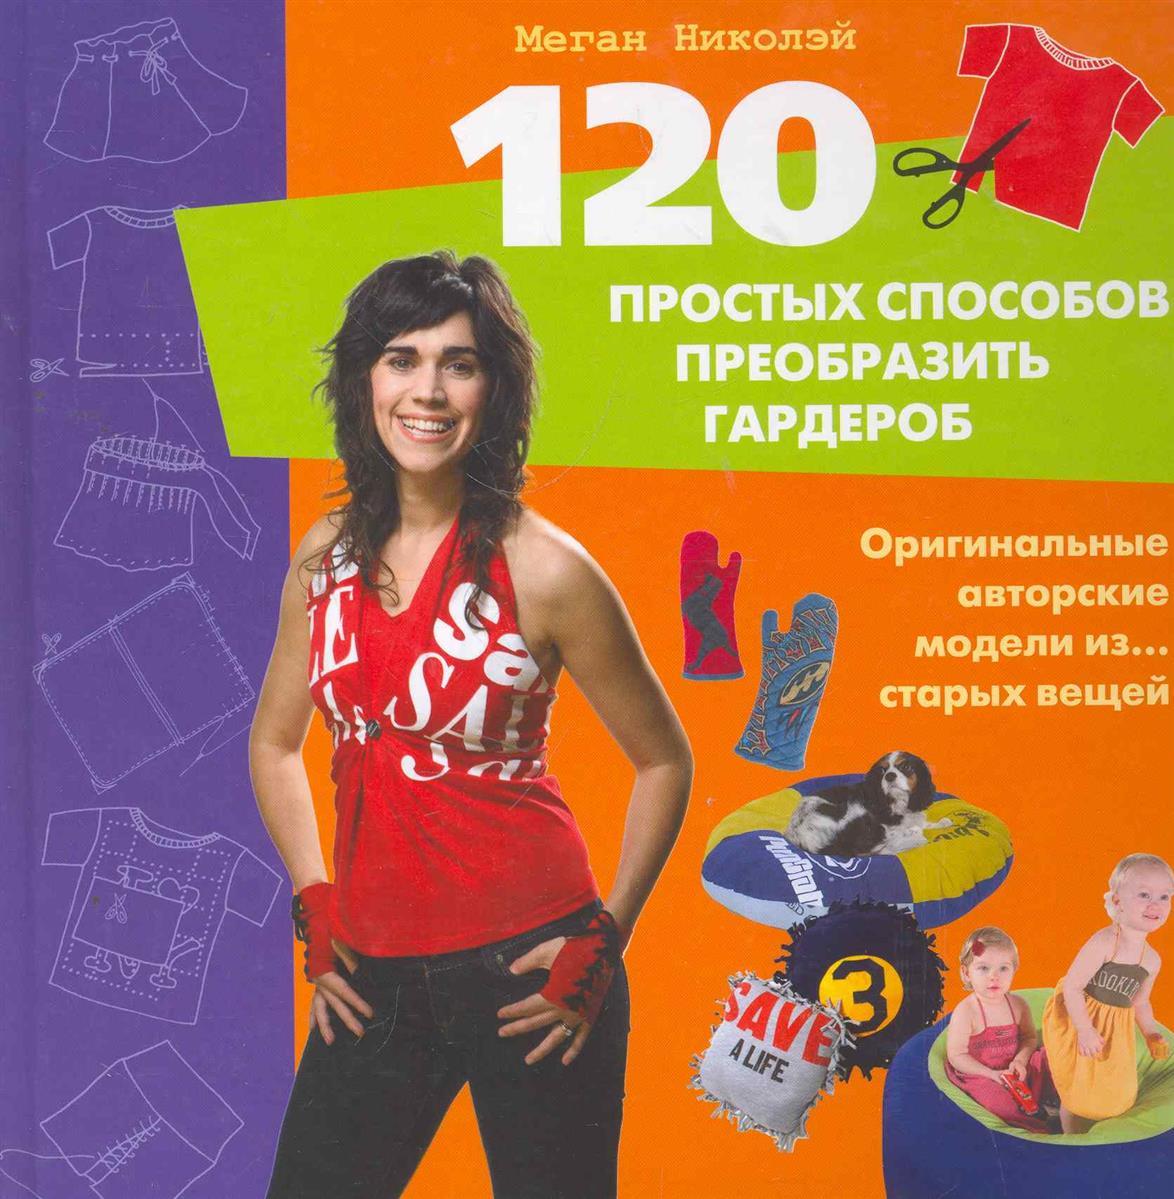 120 простых способов преобразить гардероб